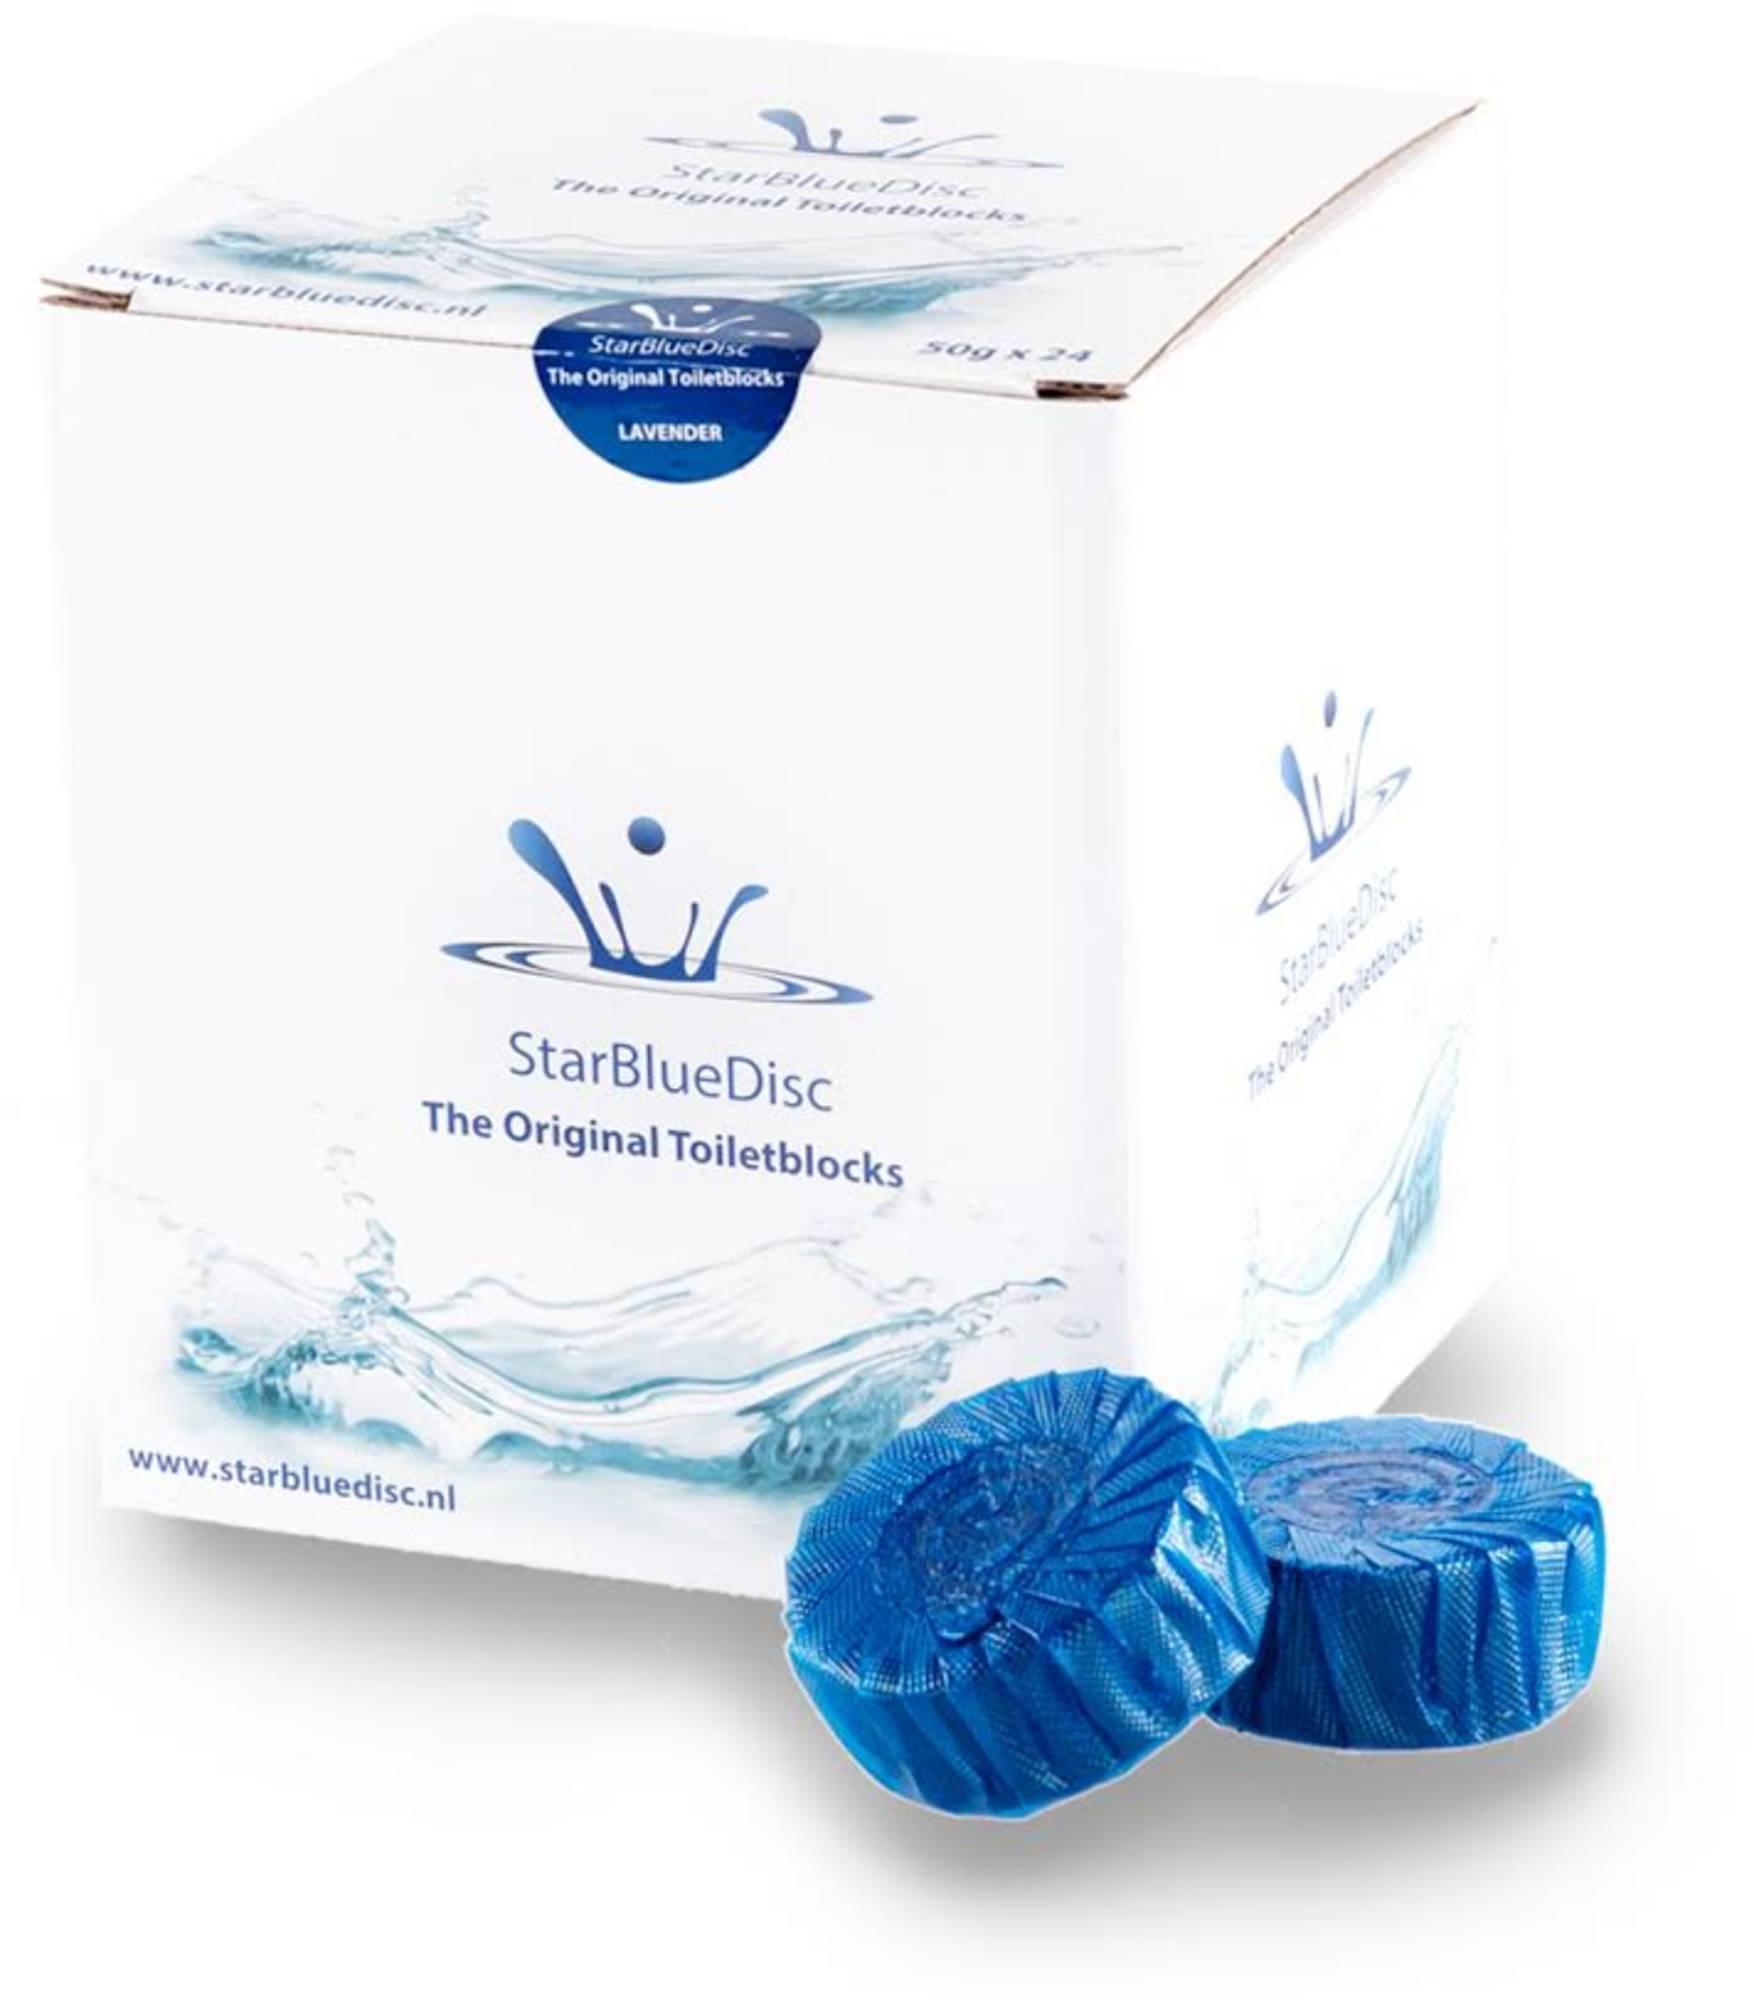 StarBlueDisc 24 stuks toiletblokjes jaarverpakking Blauw